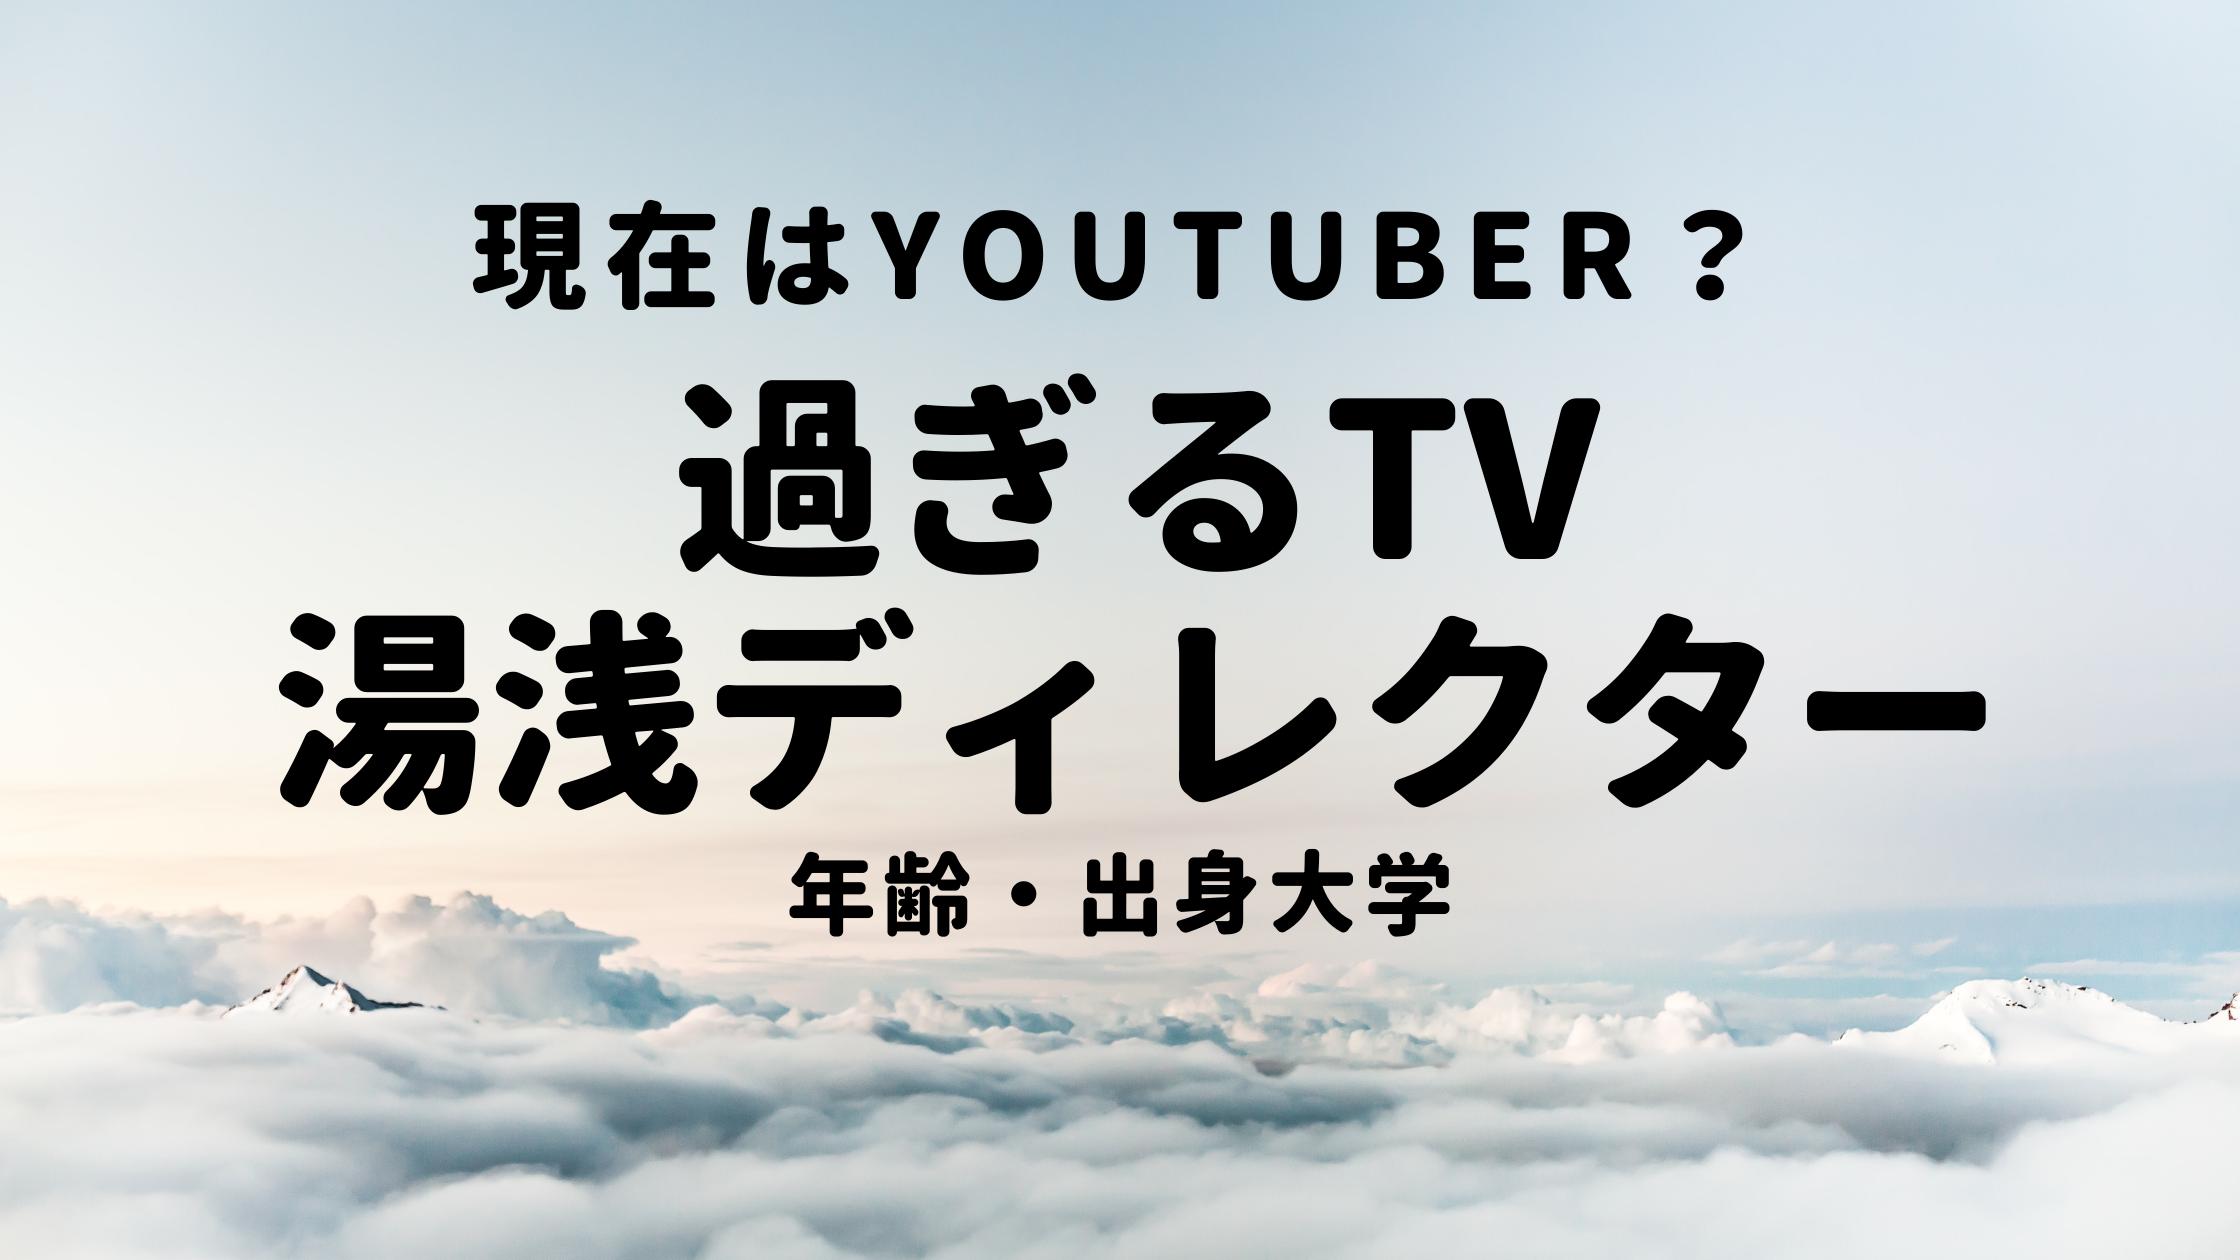 過ぎるTVの湯浅仁志ディレクターの年齢・出身大学!現在はYouTuber?